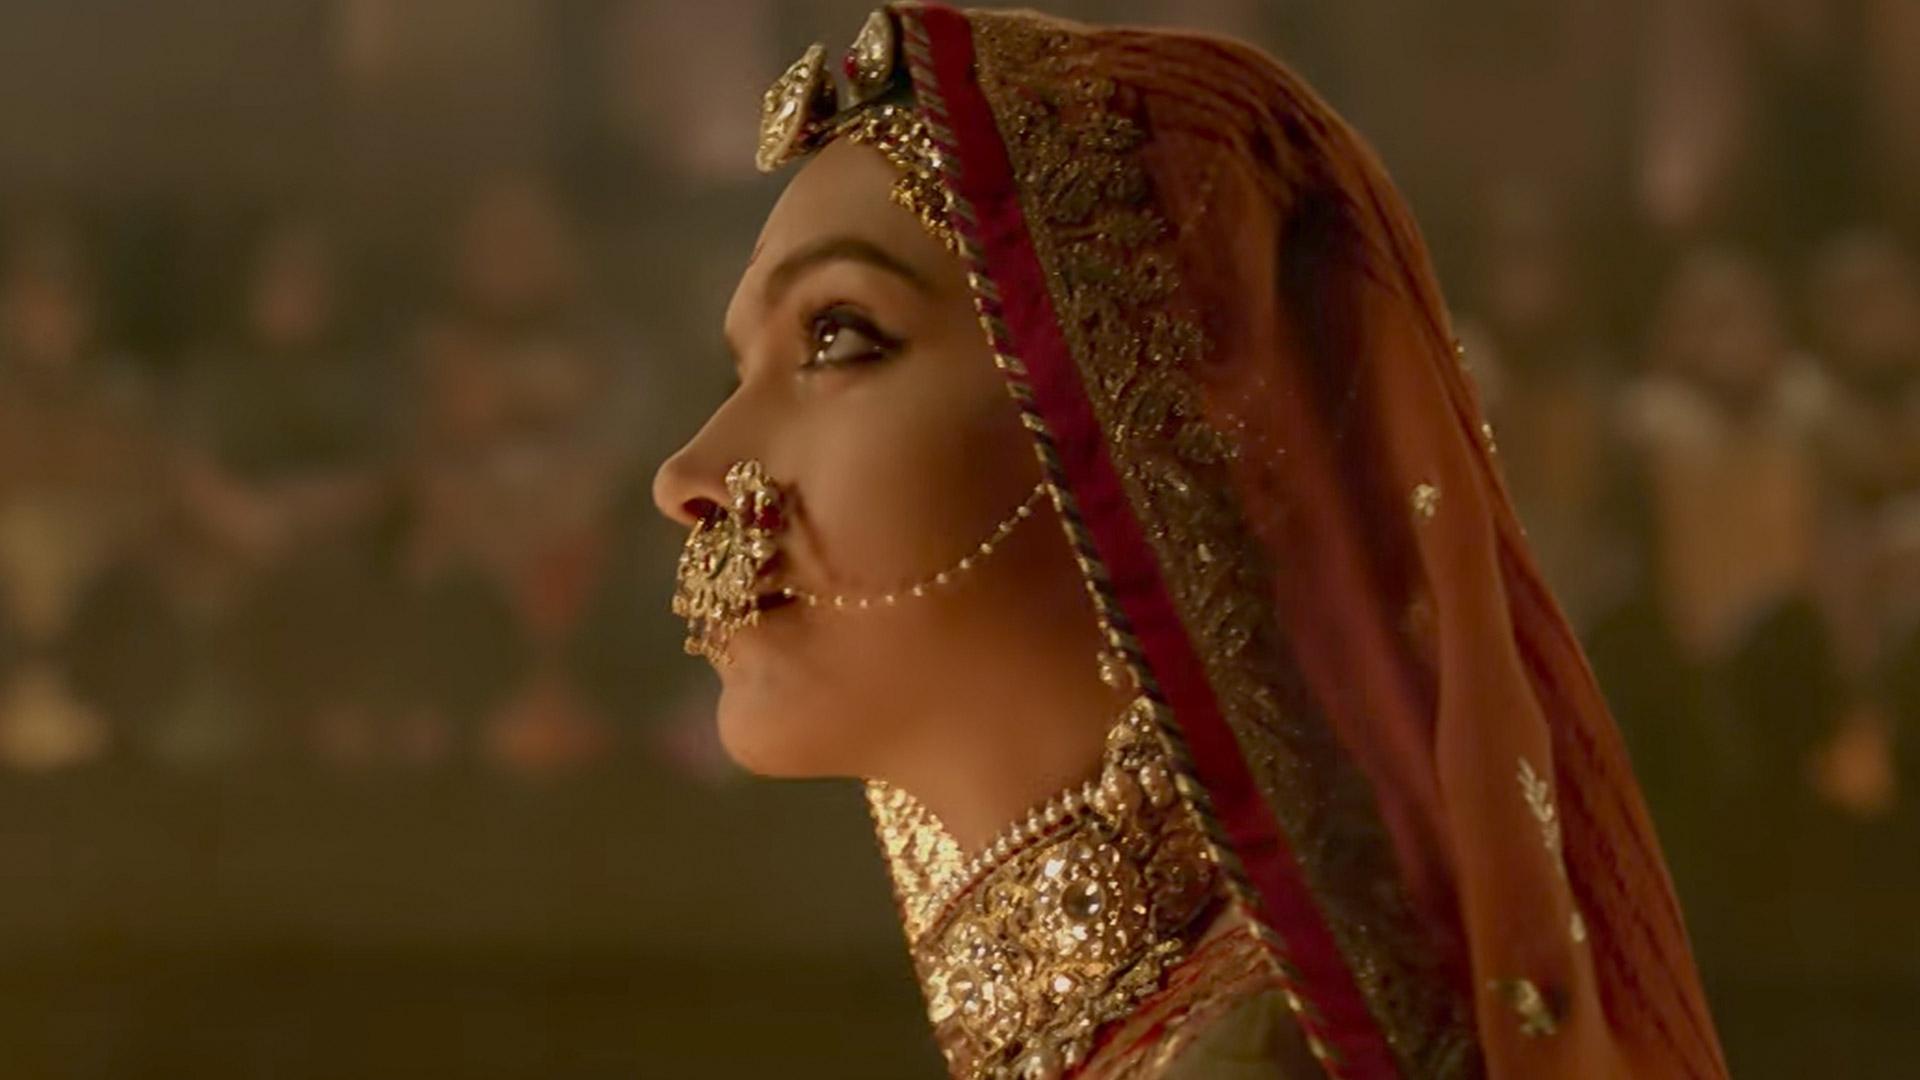 CBFC To View Deepika Padukone's Padmavati This Week